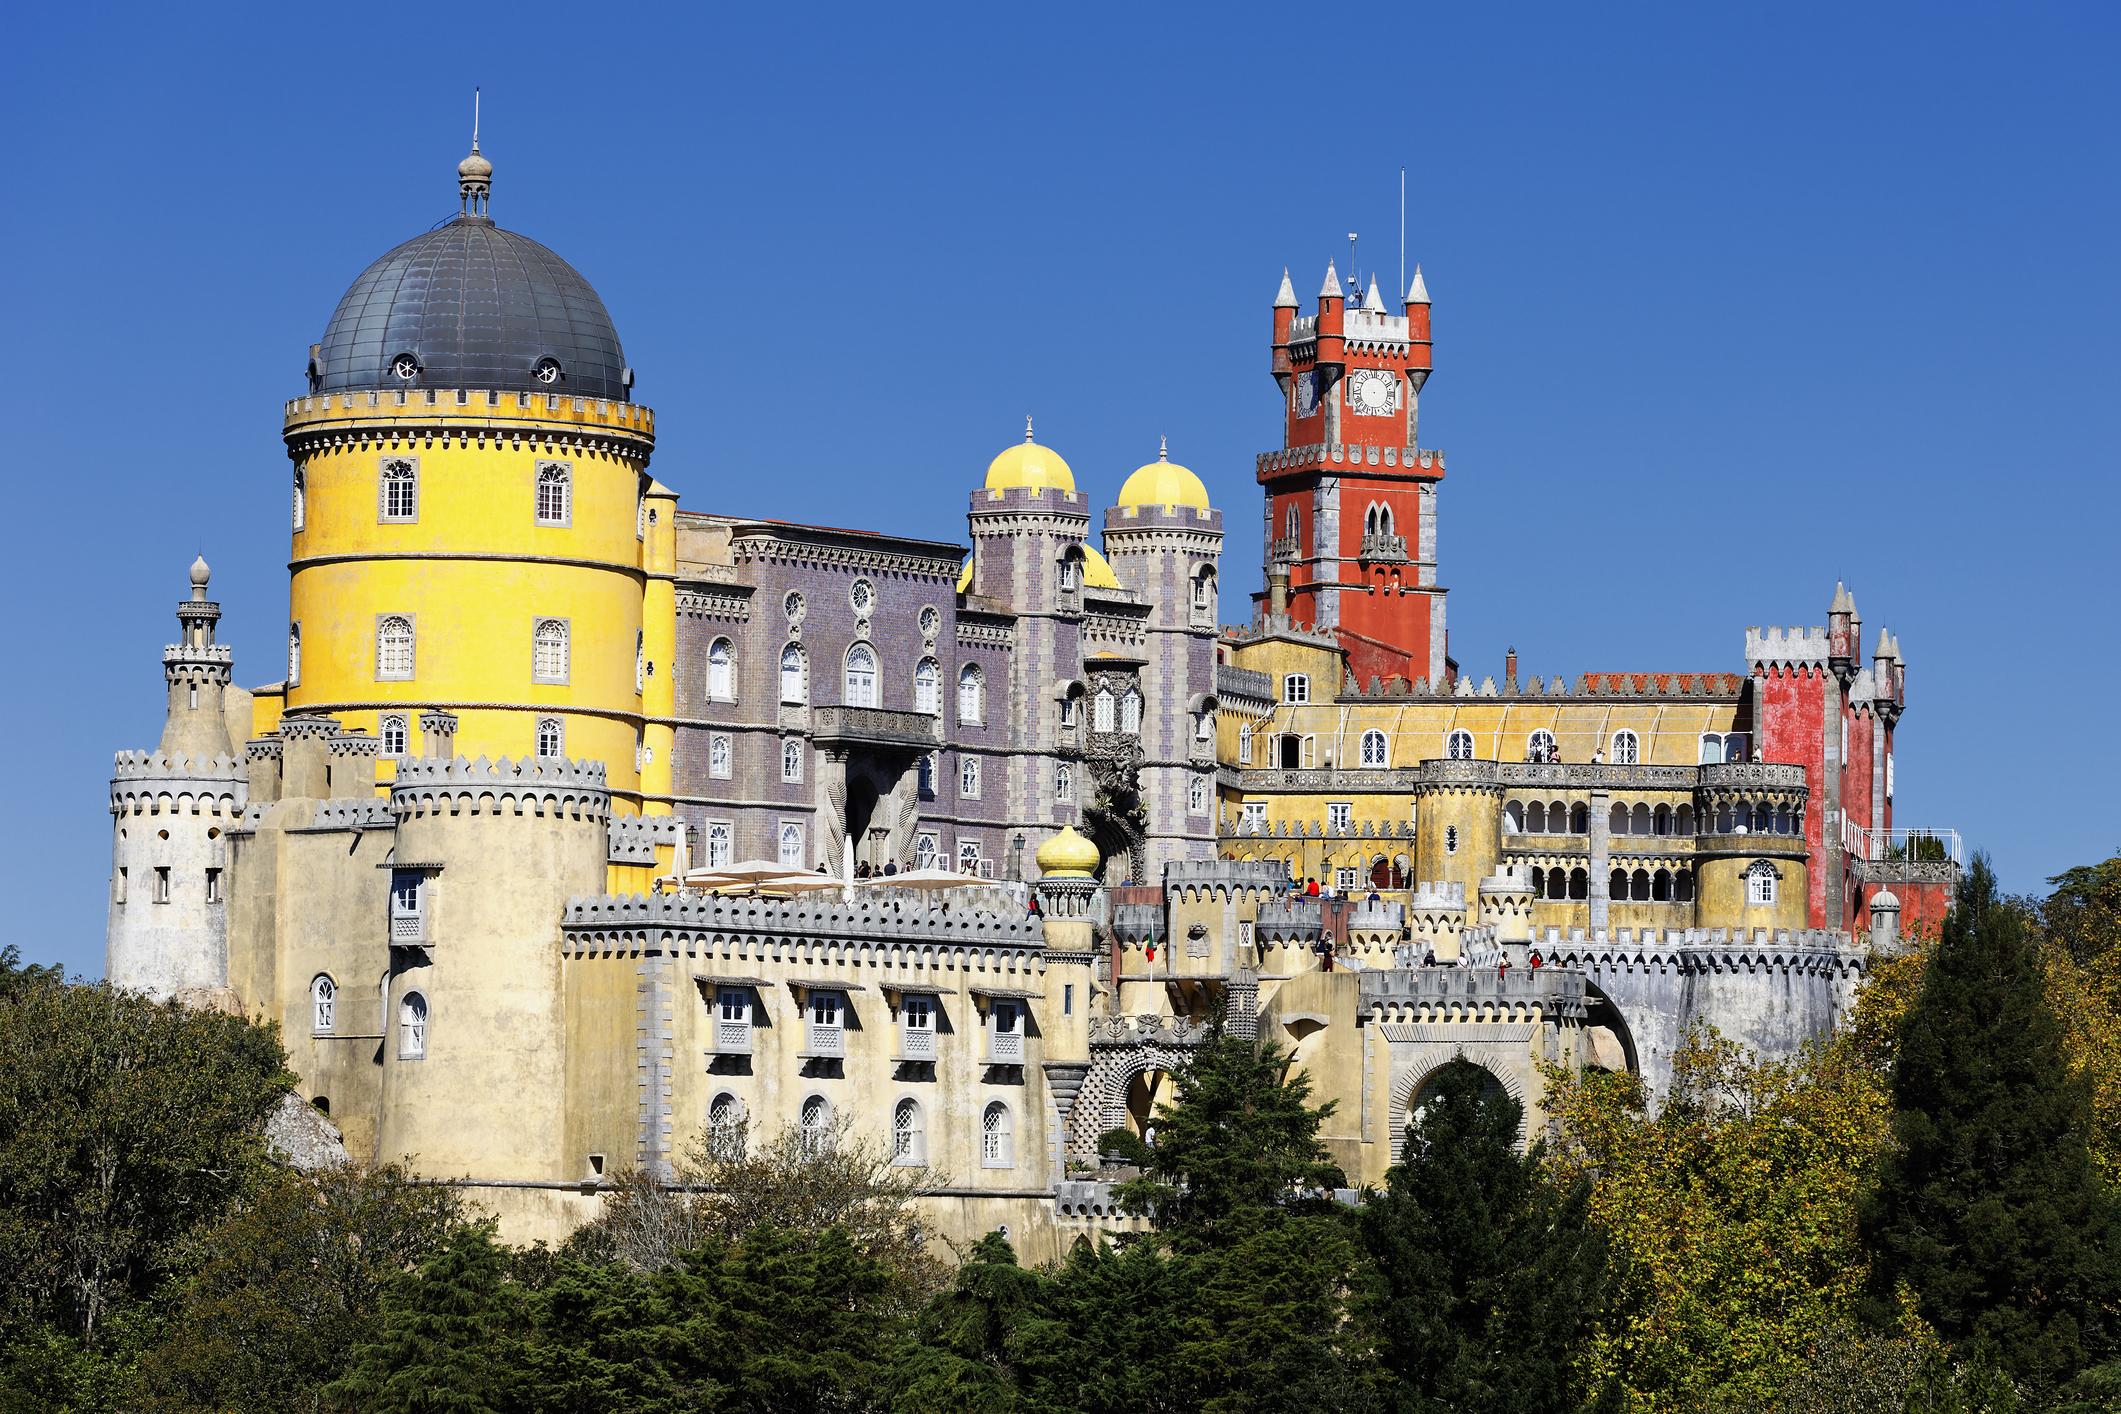 Синтра е главен град на едноименна община в сърцето на Португалия и нa брега на Атлантическия океан.